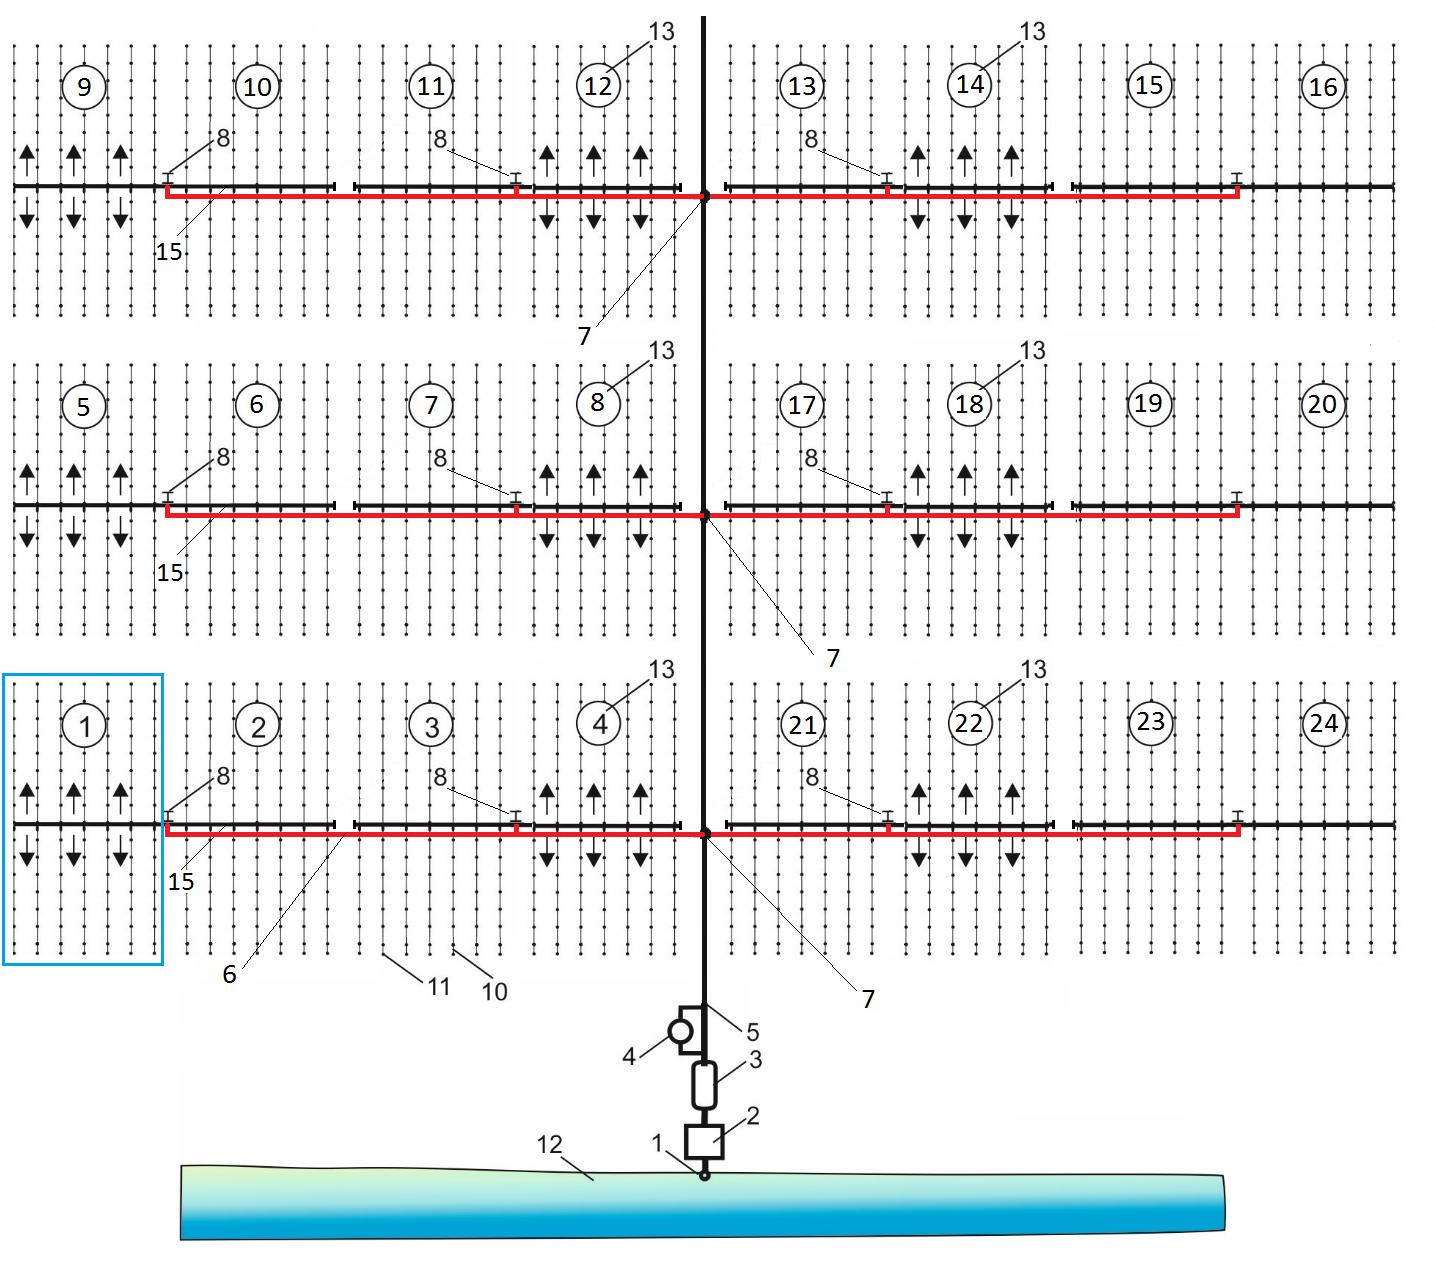 word image 502 Проведение исследований, разработка технологий и подготовка технических предложений на модули передвижной системы капельного орошения сельскохозяйственных культур рядового сева